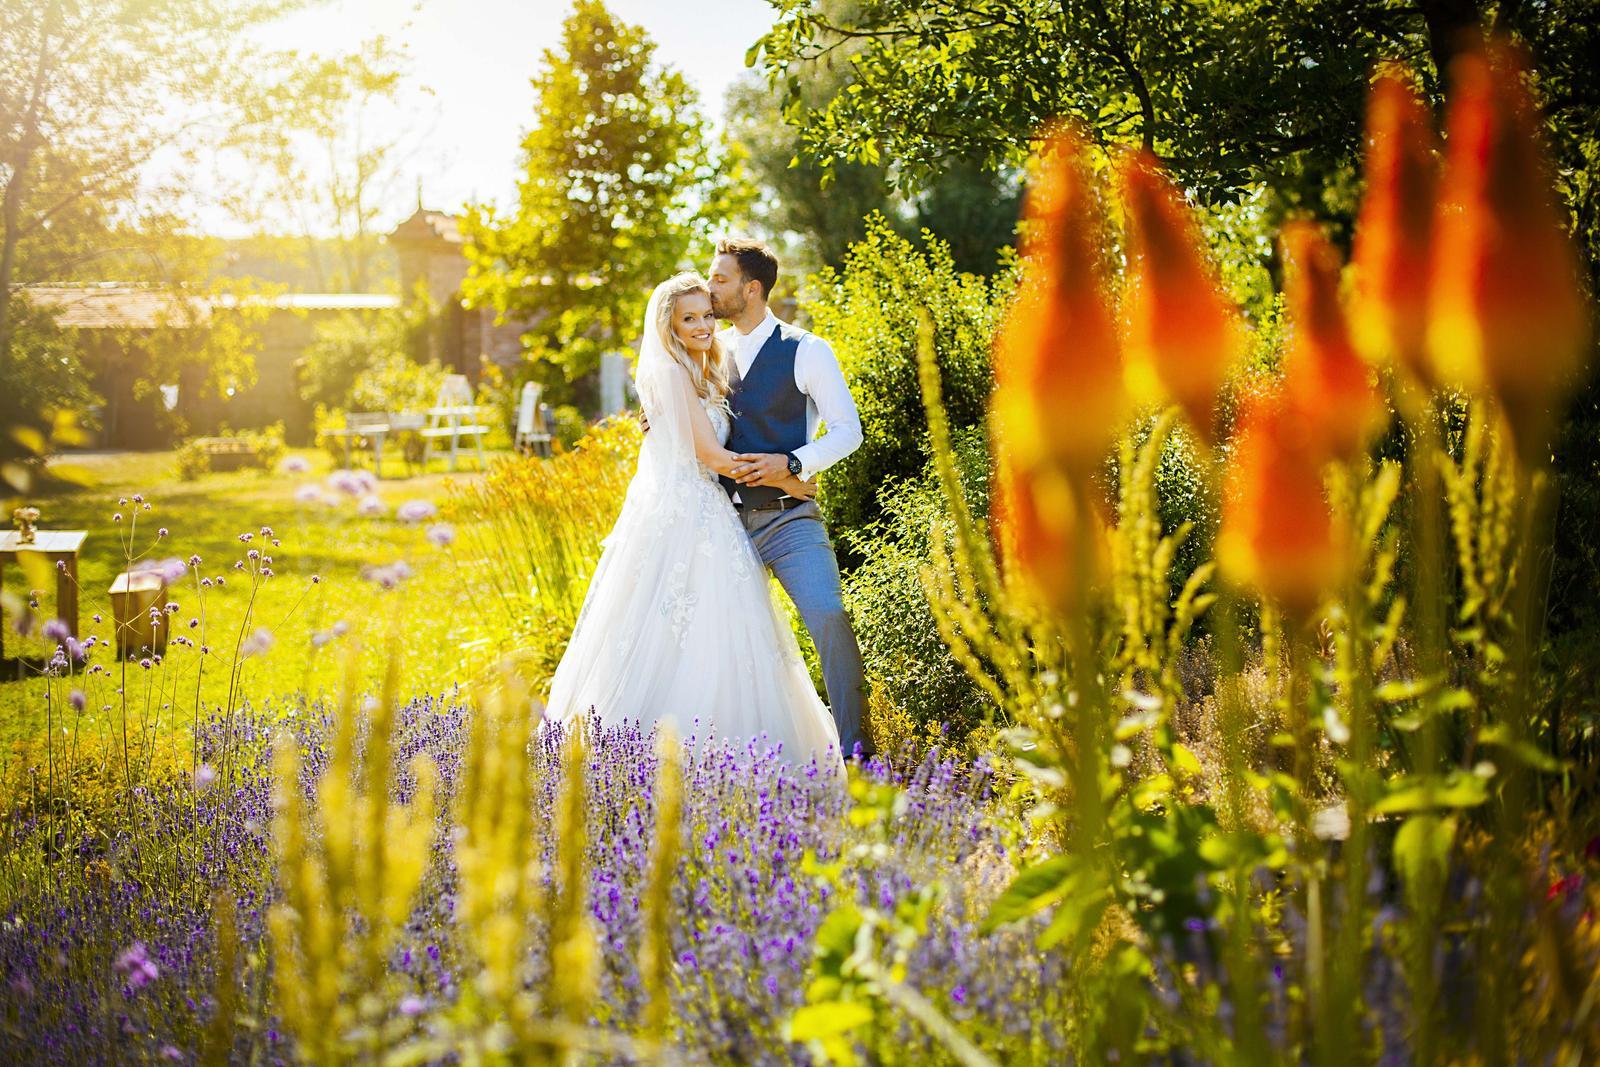 Weddings 👰2019 - Obrázek č. 5